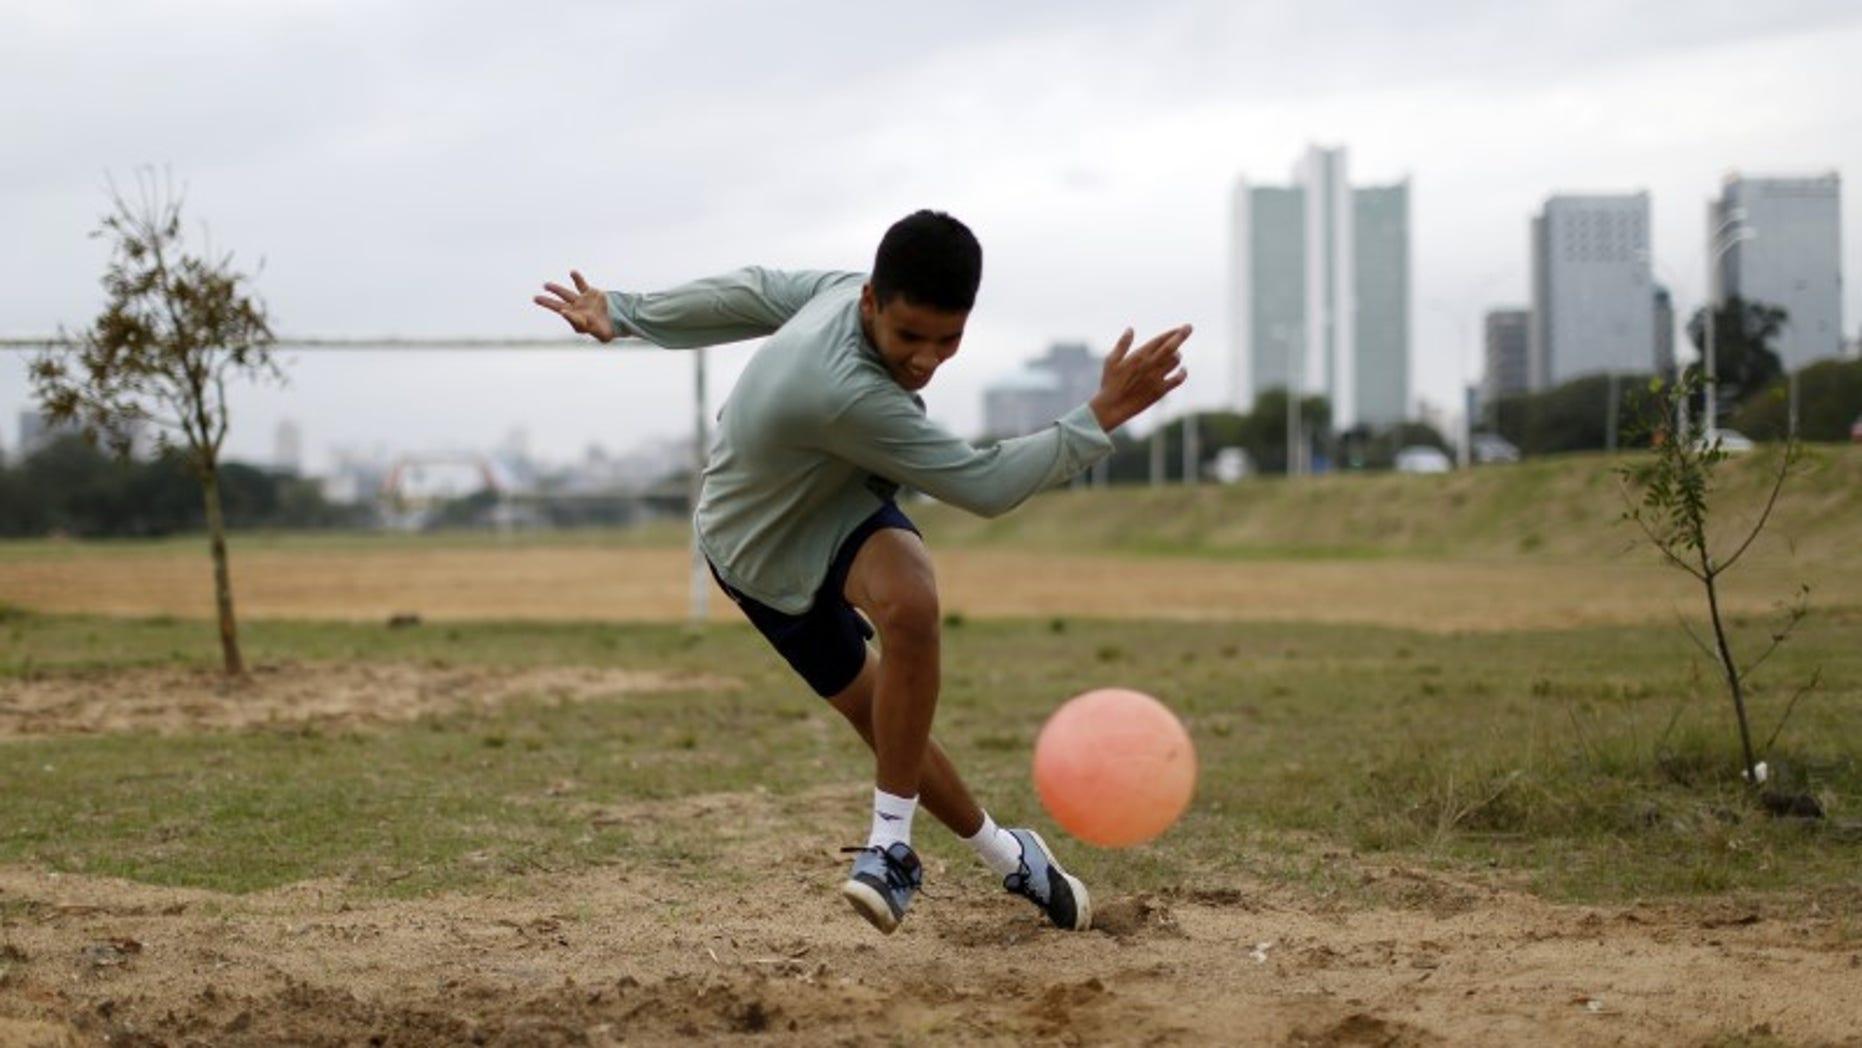 A boy plays soccer in a park in Porto Alegre